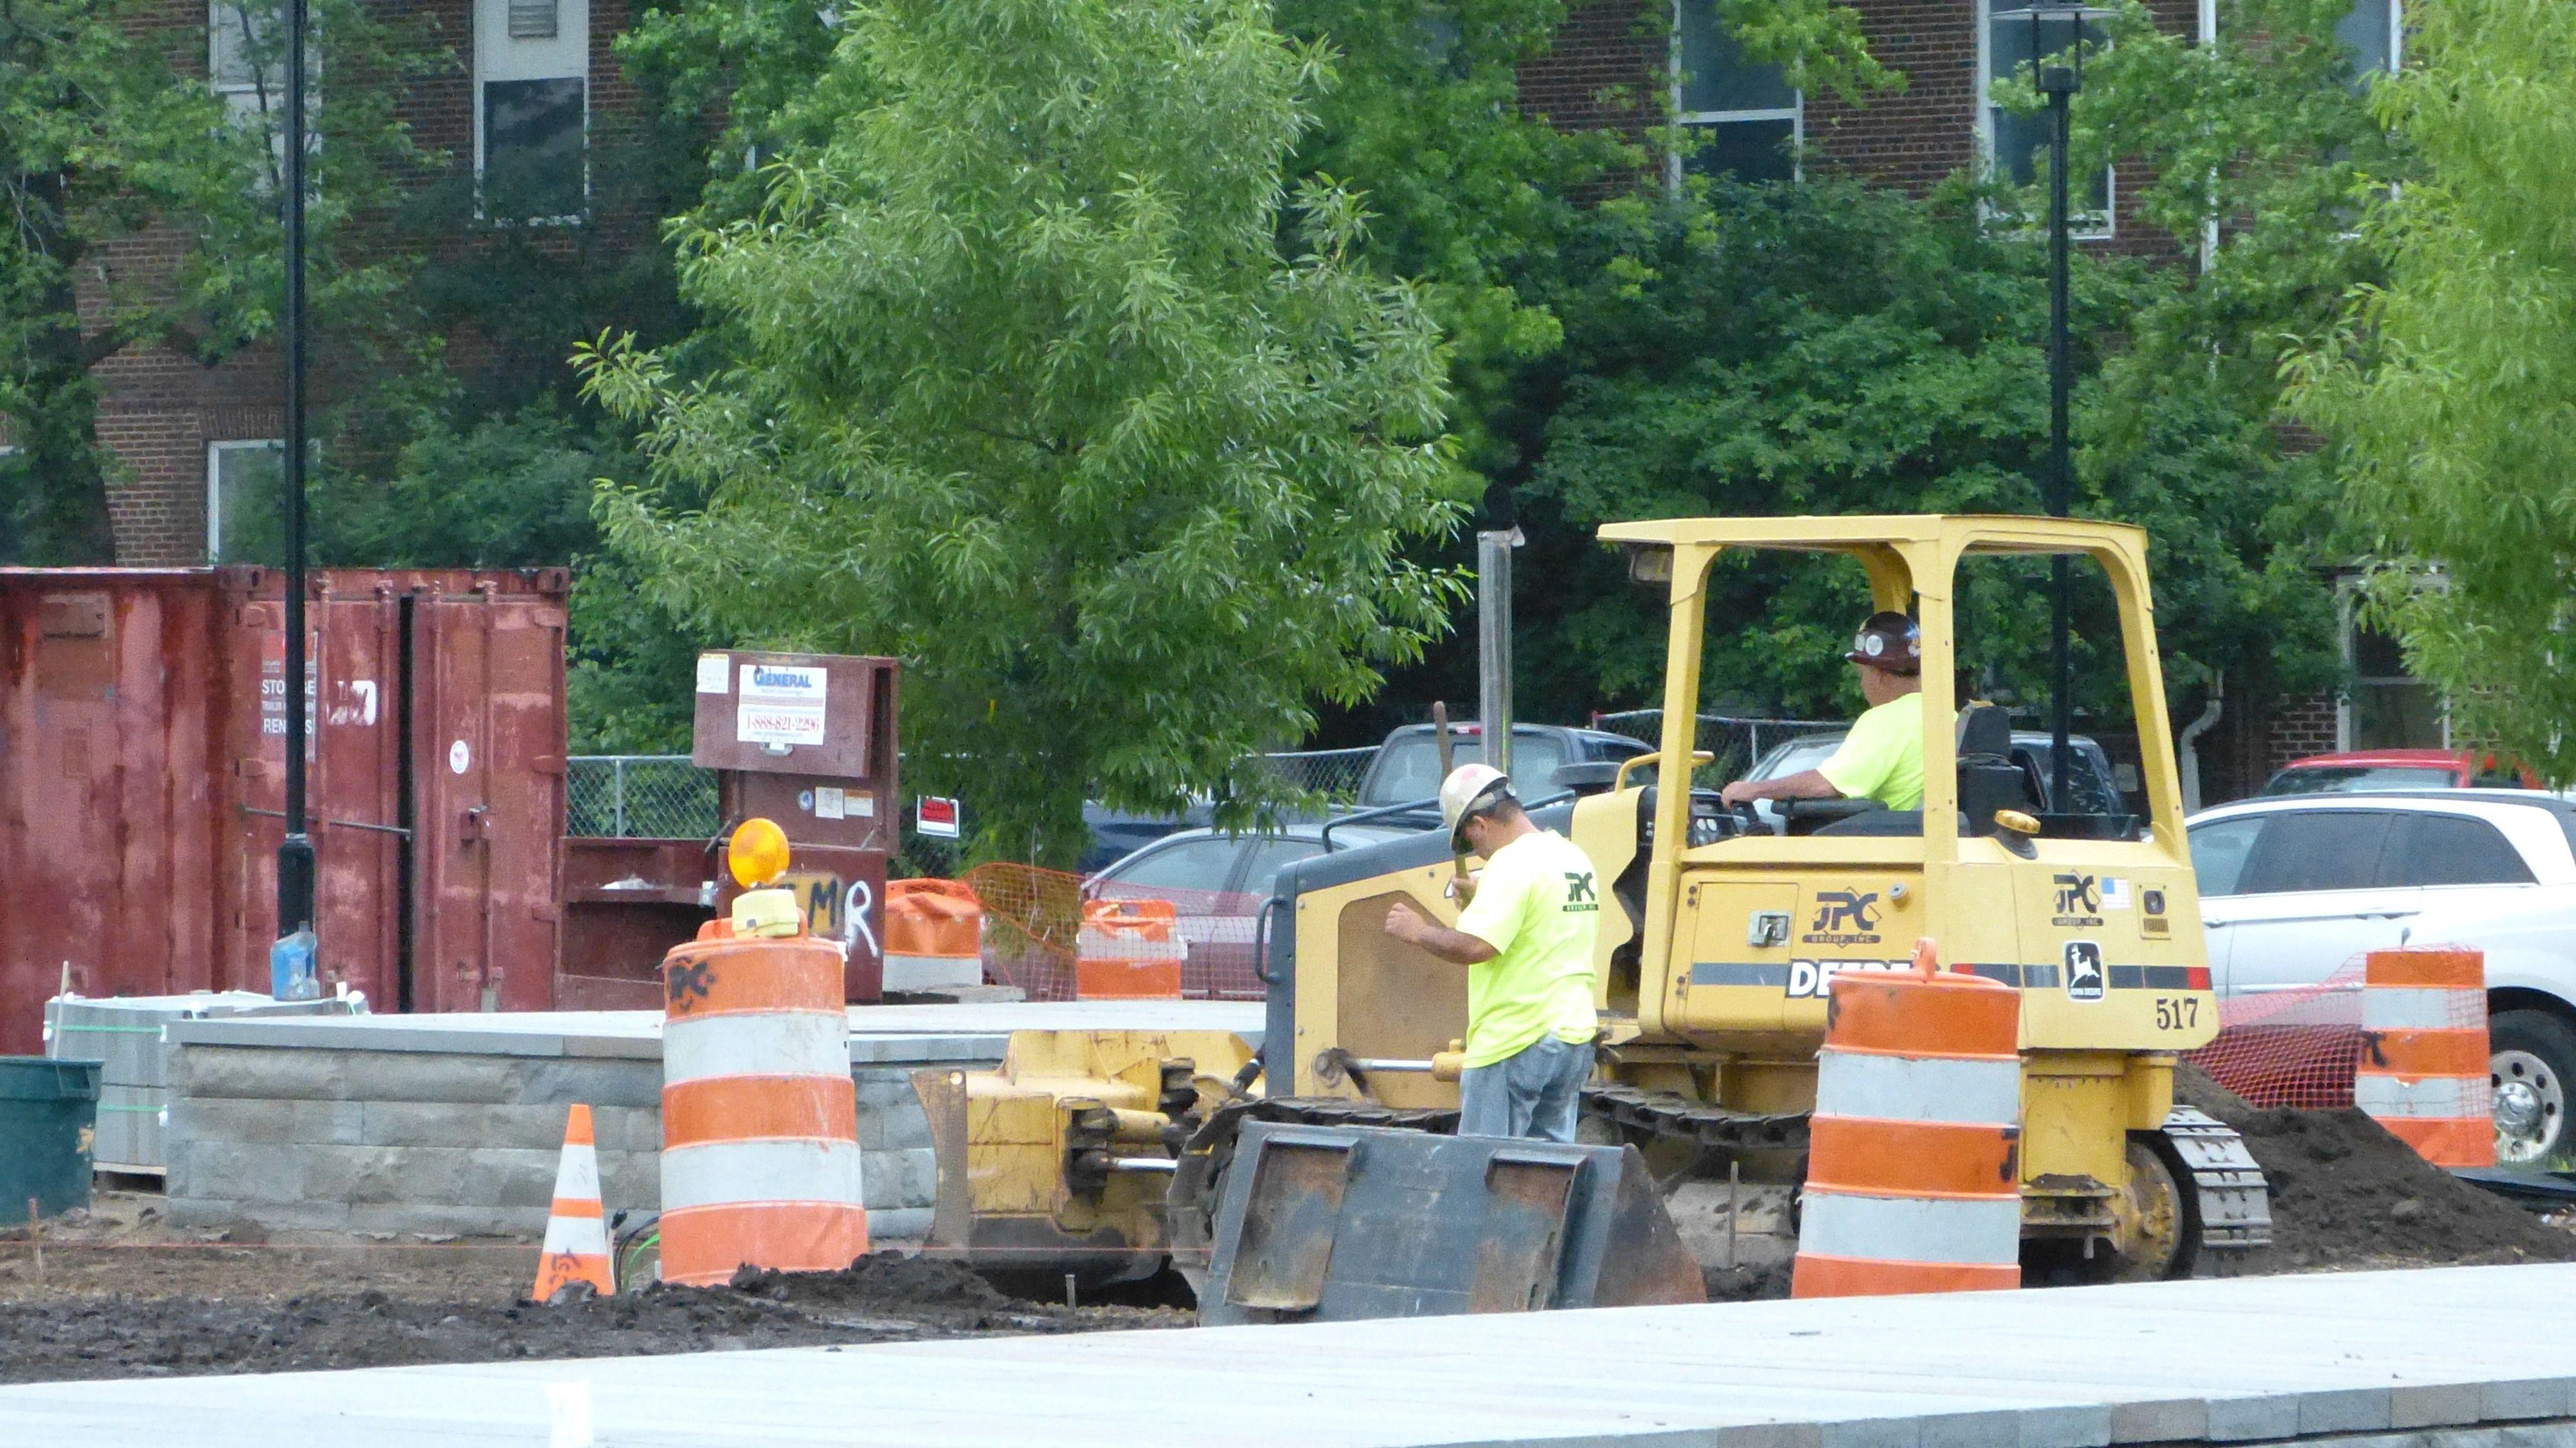 May 24th, 2013: Construction shots at League Island #greensolutions